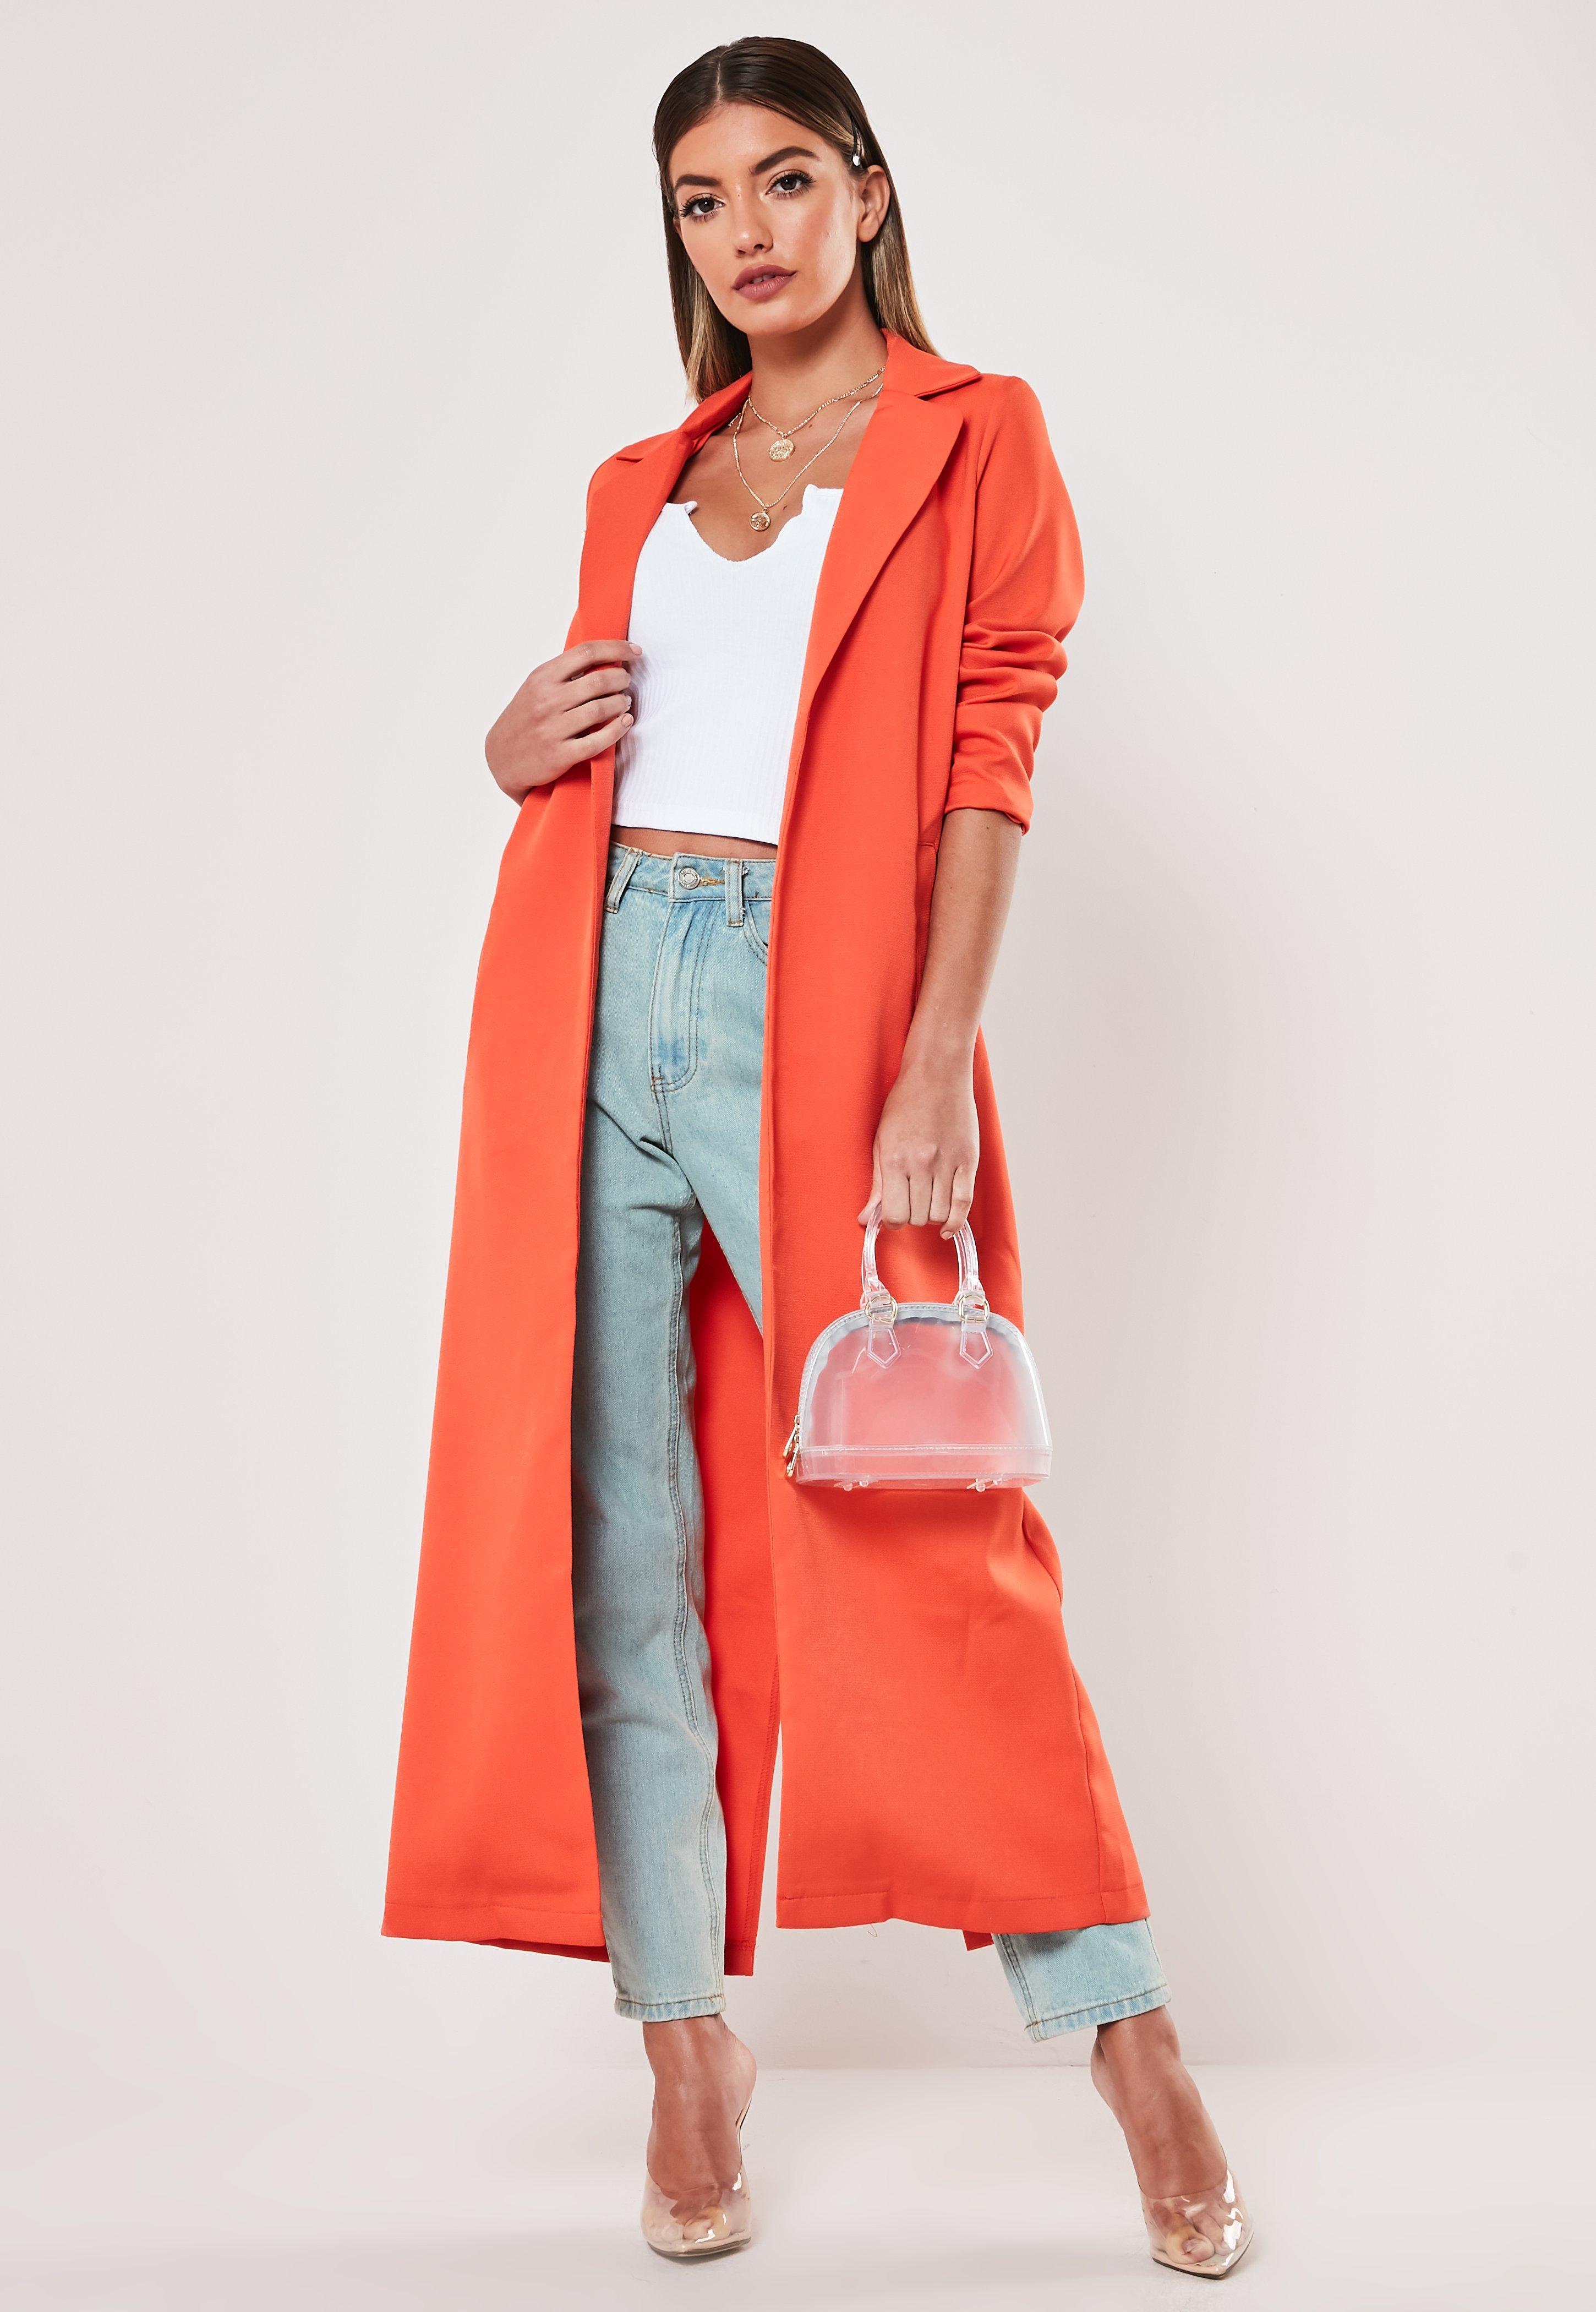 c188501324 Orange Long Sleeve Maxi Duster Jacket | Missguided